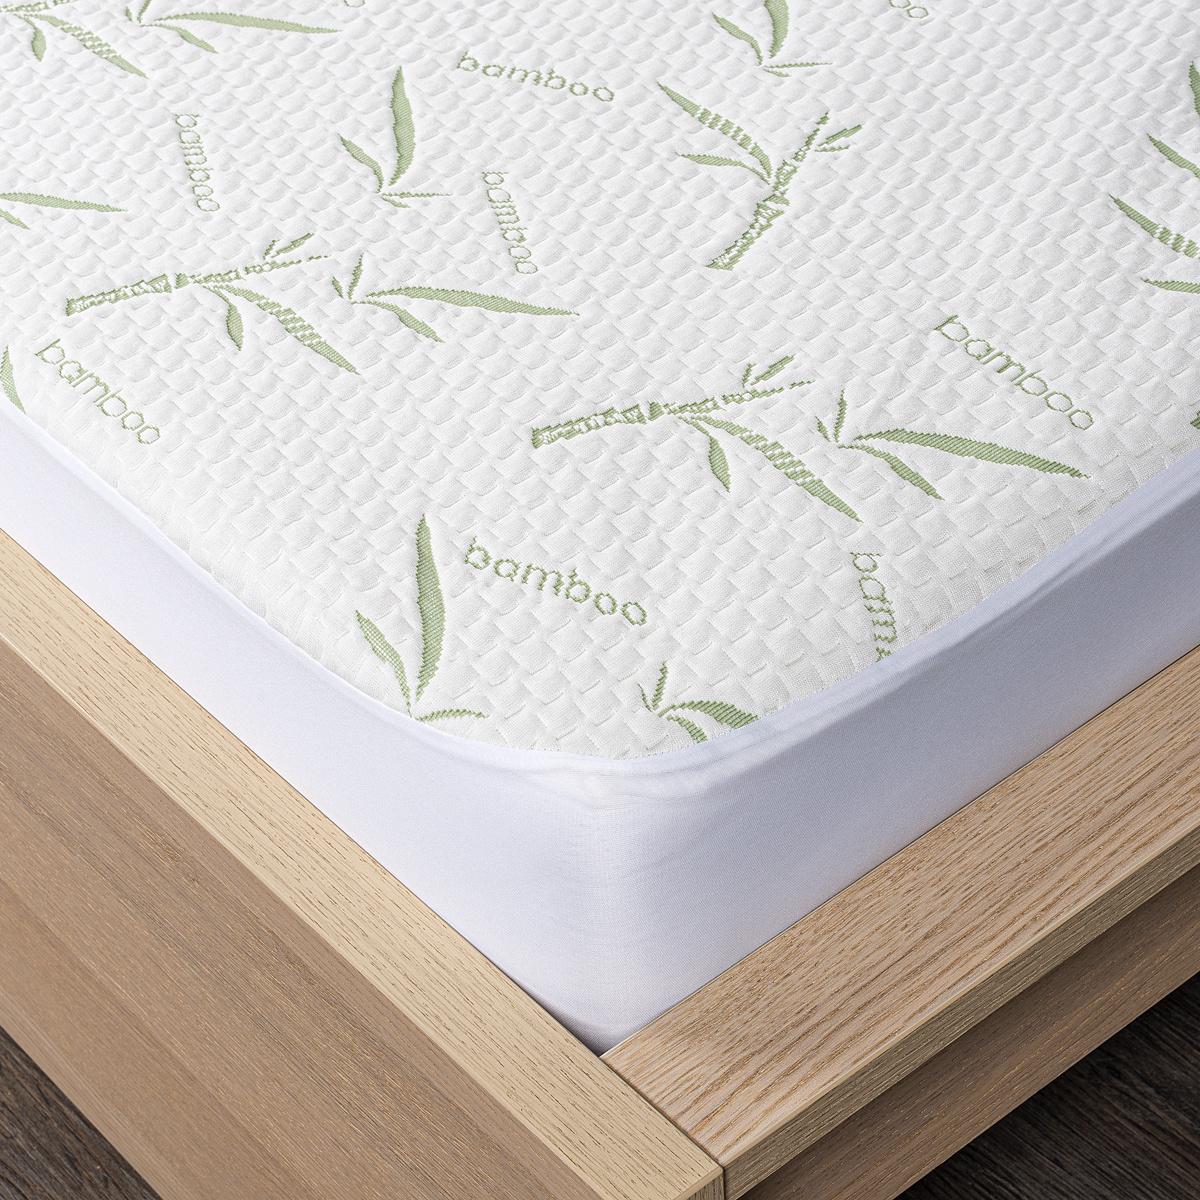 4Home Bamboo Chránič matrace s lemem, 180 x 200 cm